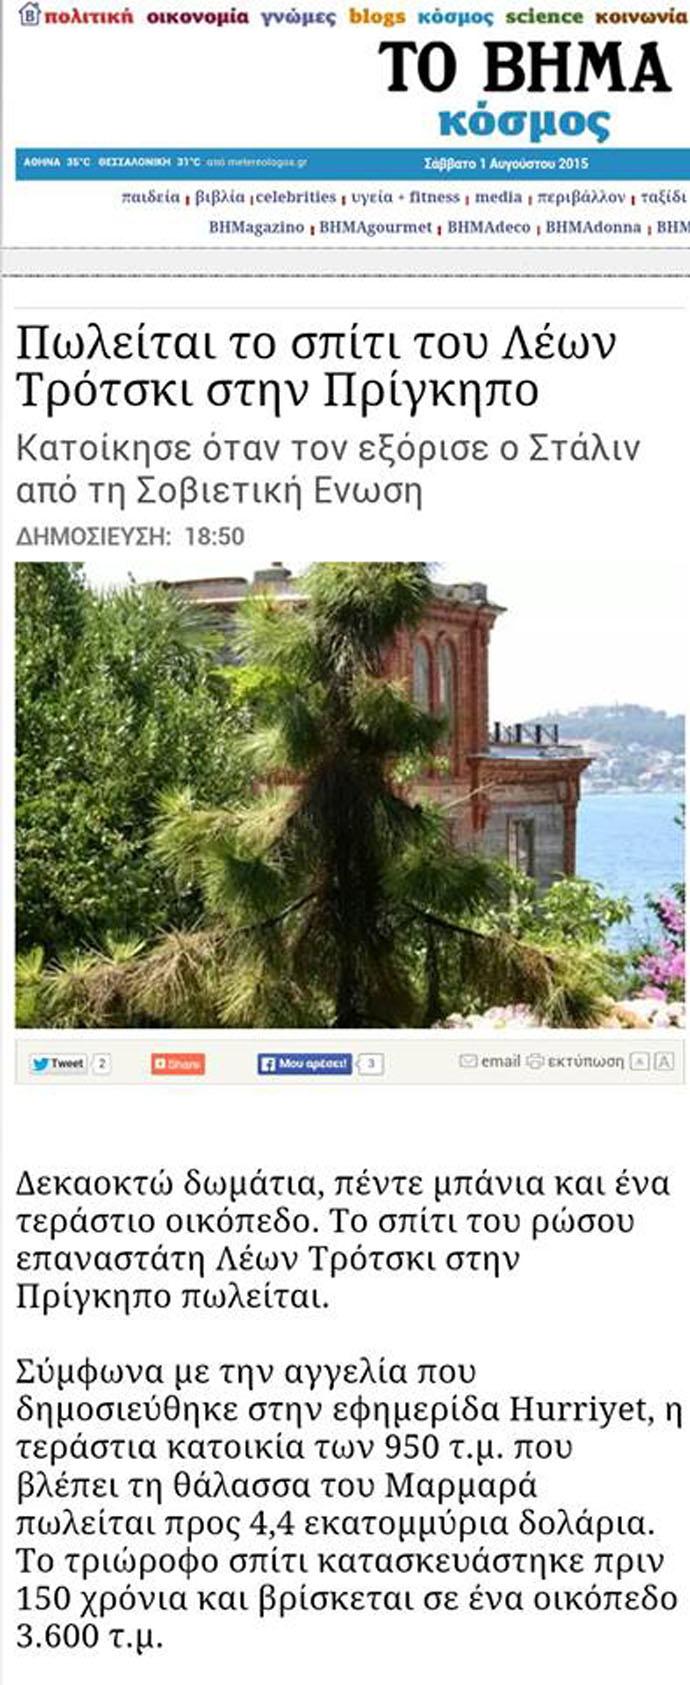 Ὁ ...«κομμουνιστὴς» Τρότσκυ χρειαζόταν 950 τ.μ. γιὰ νὰ ...βολευτῇ!!!